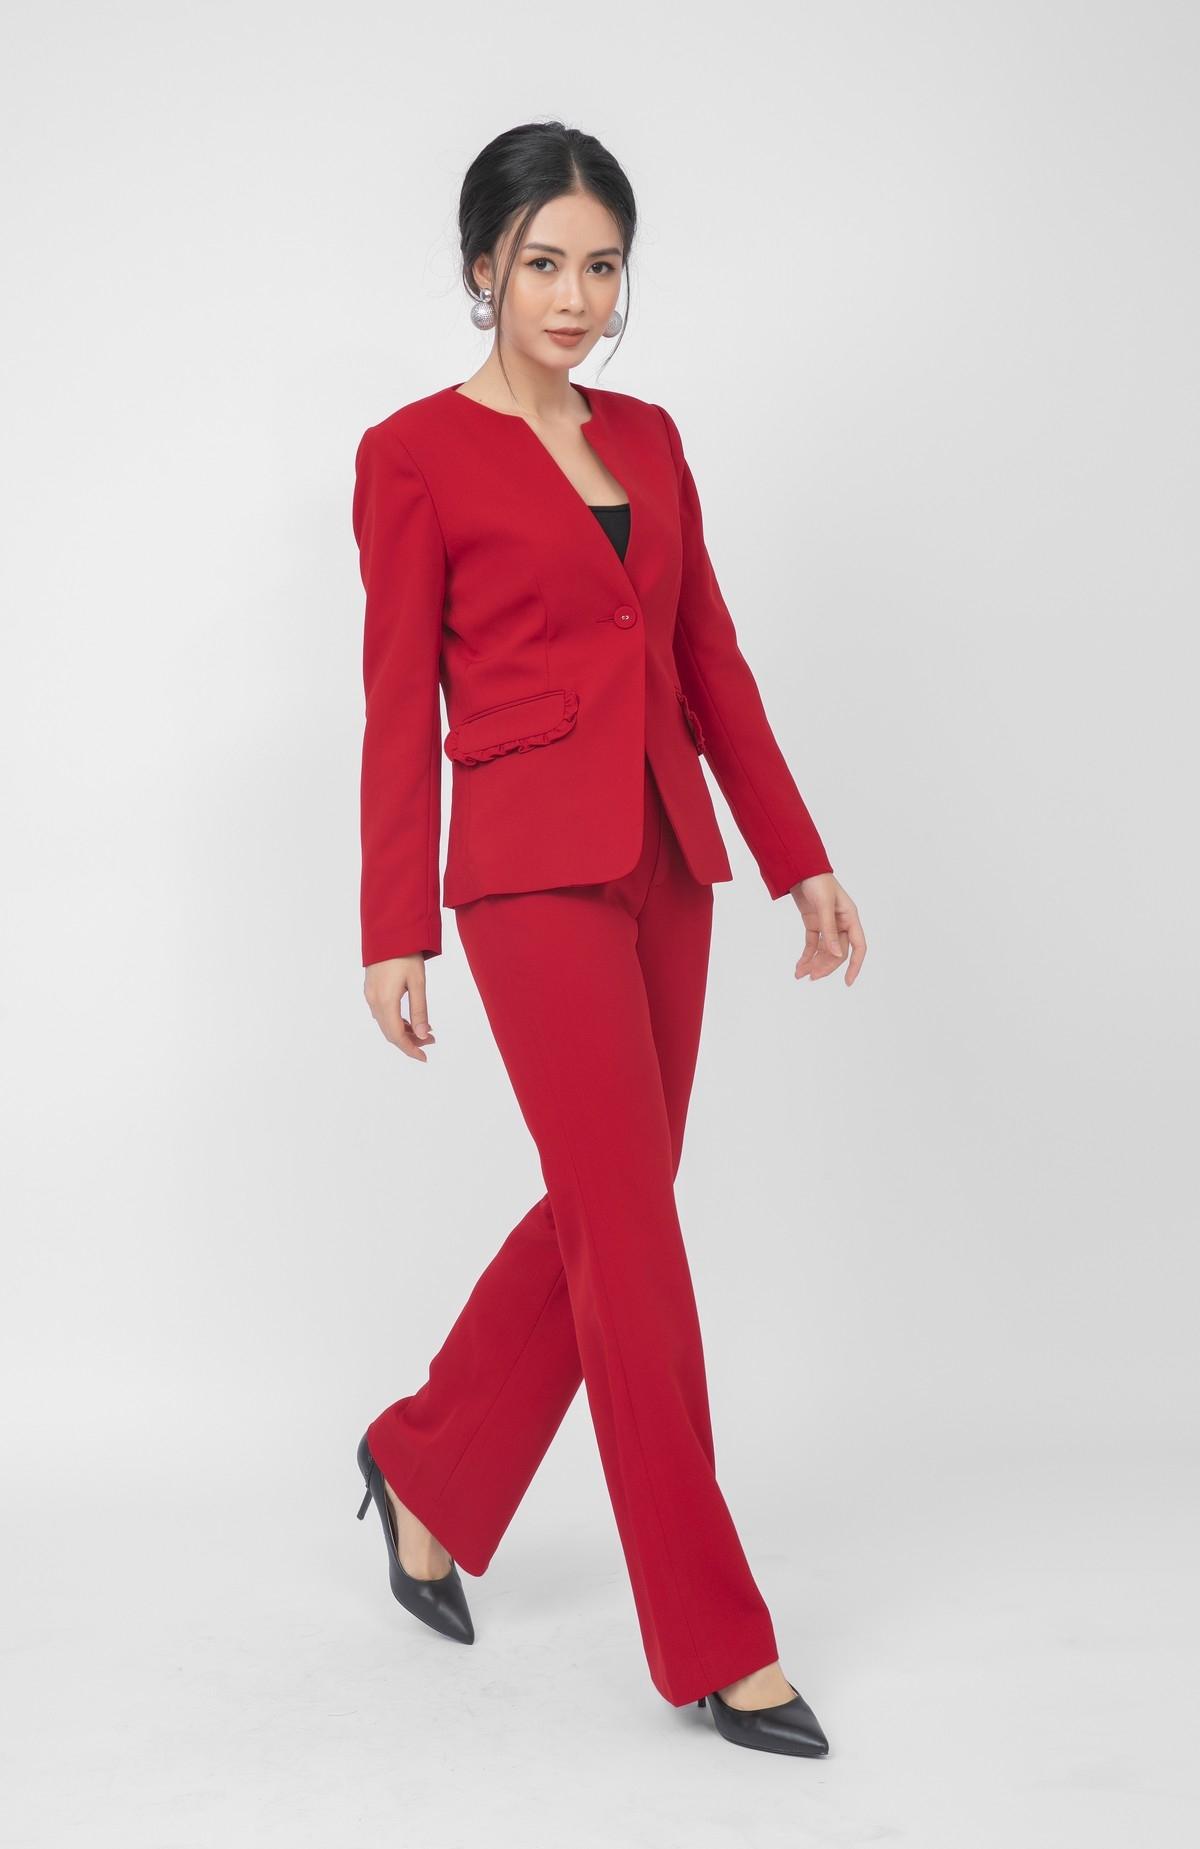 Áo vest nữ cách điệu HeraDG WT18023A màu đỏ